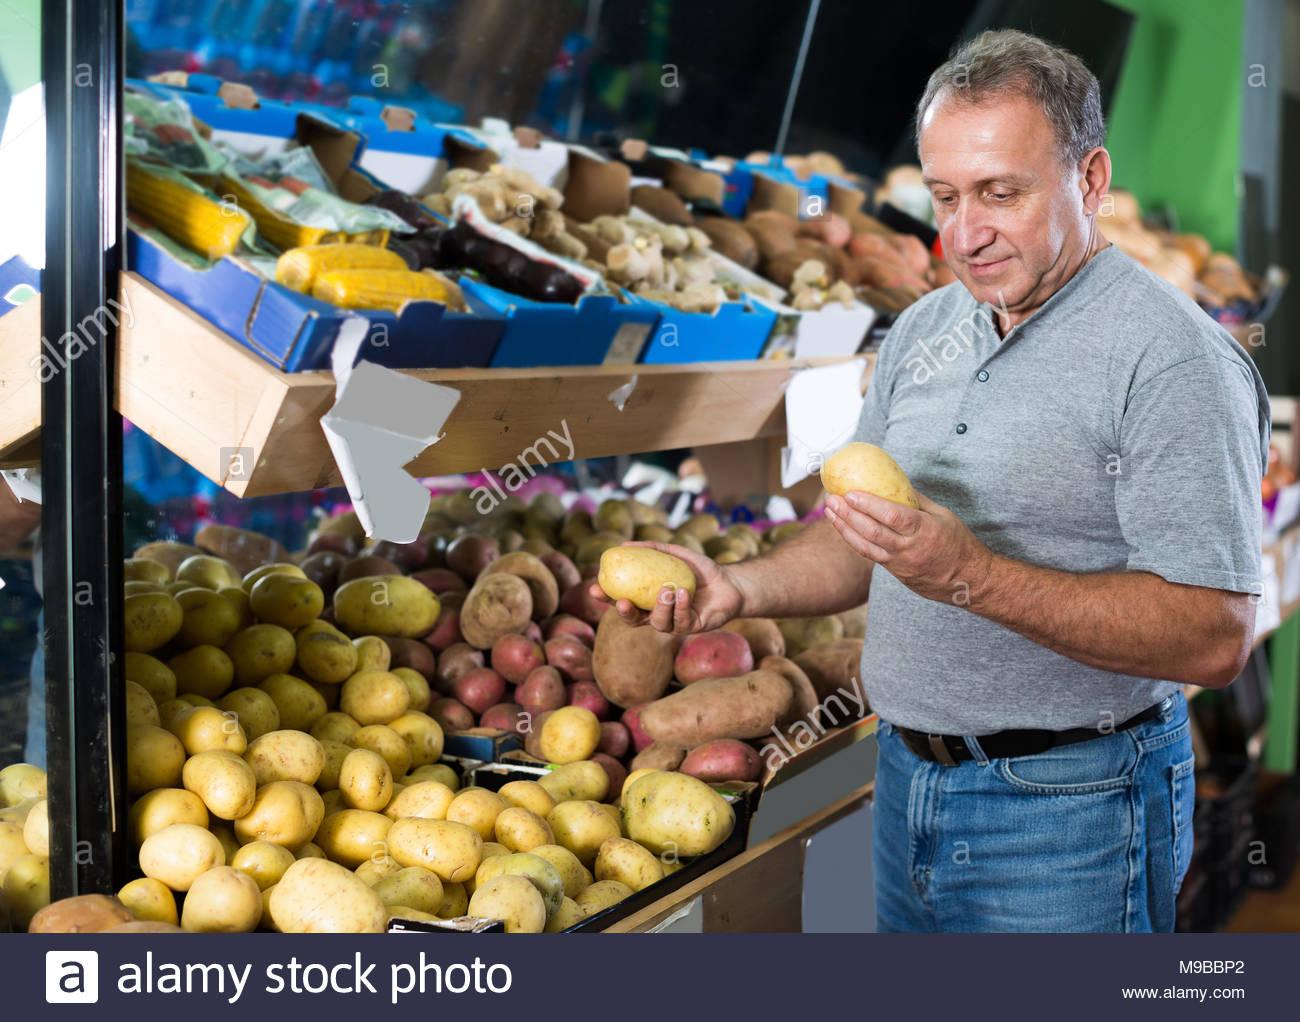 glad-man-is-choosing-potato-in-the-vegetables-store-M9BBP2.jpg